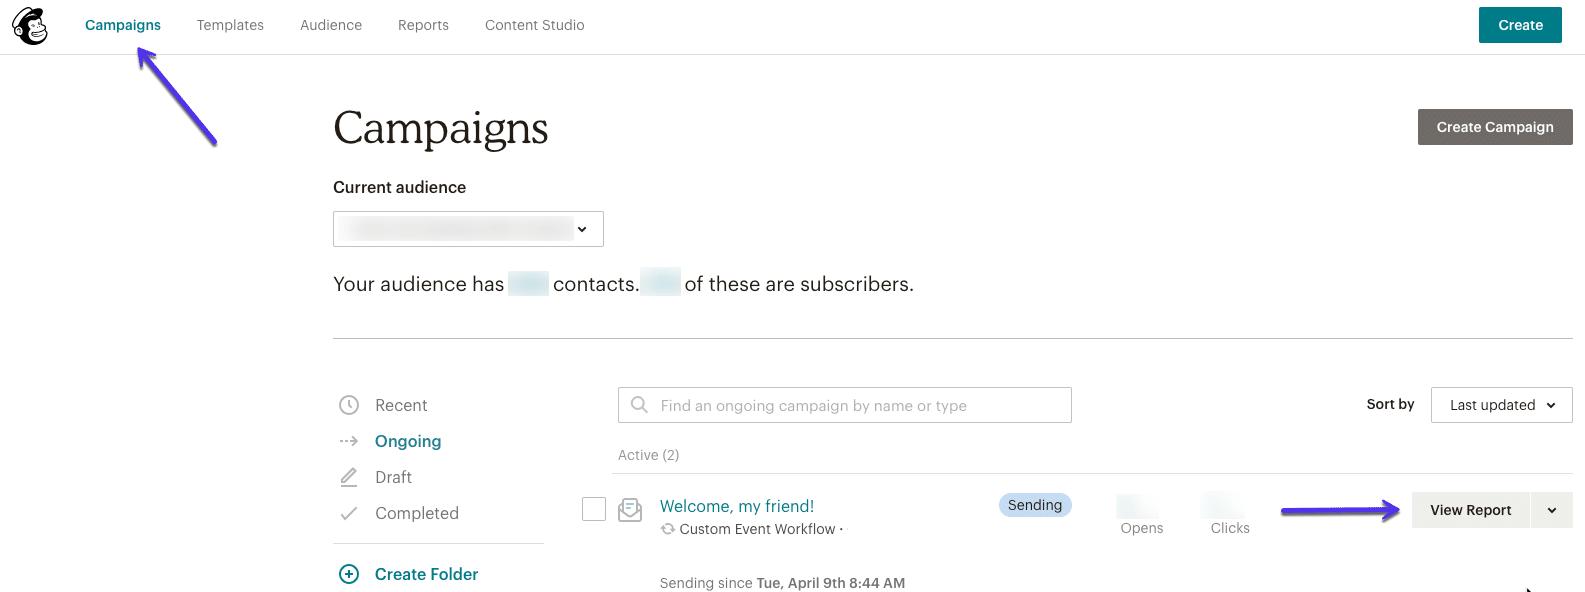 Relatórios de campanhas de e-mail automático